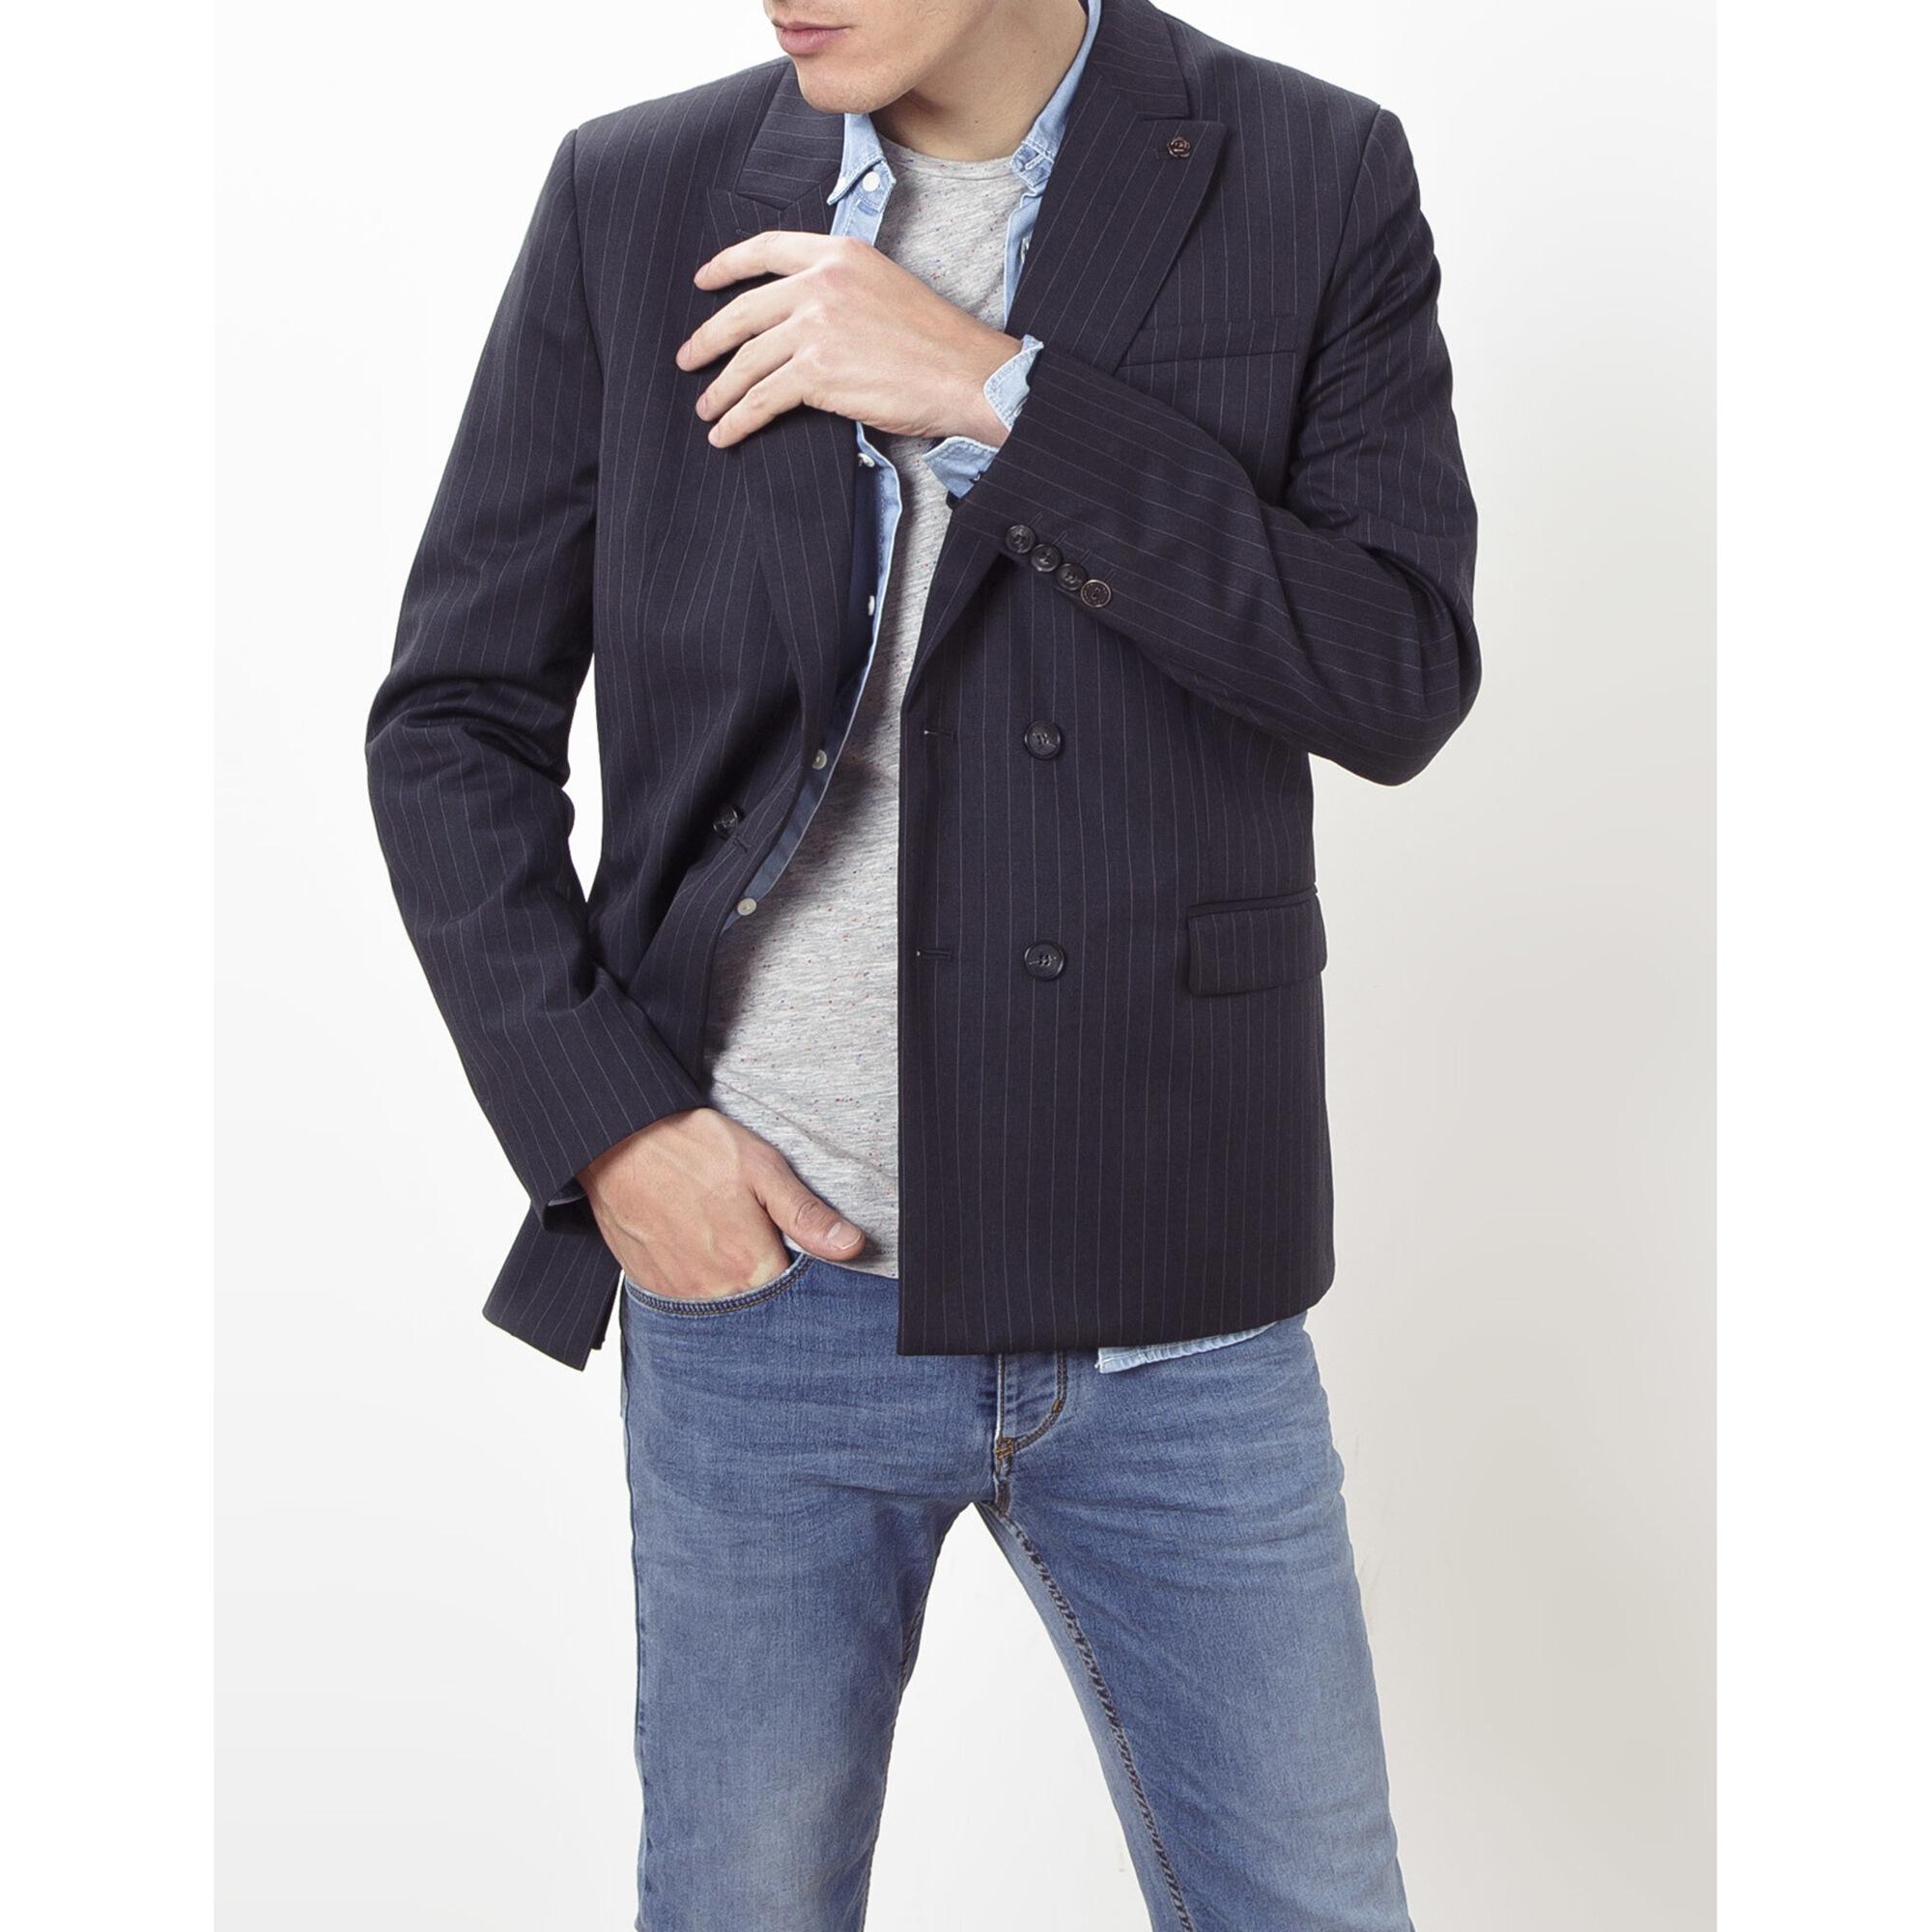 Americana gris de lana, Ikks trabajada por sastrería italiana Vitale Barberis /talla 46 y 52